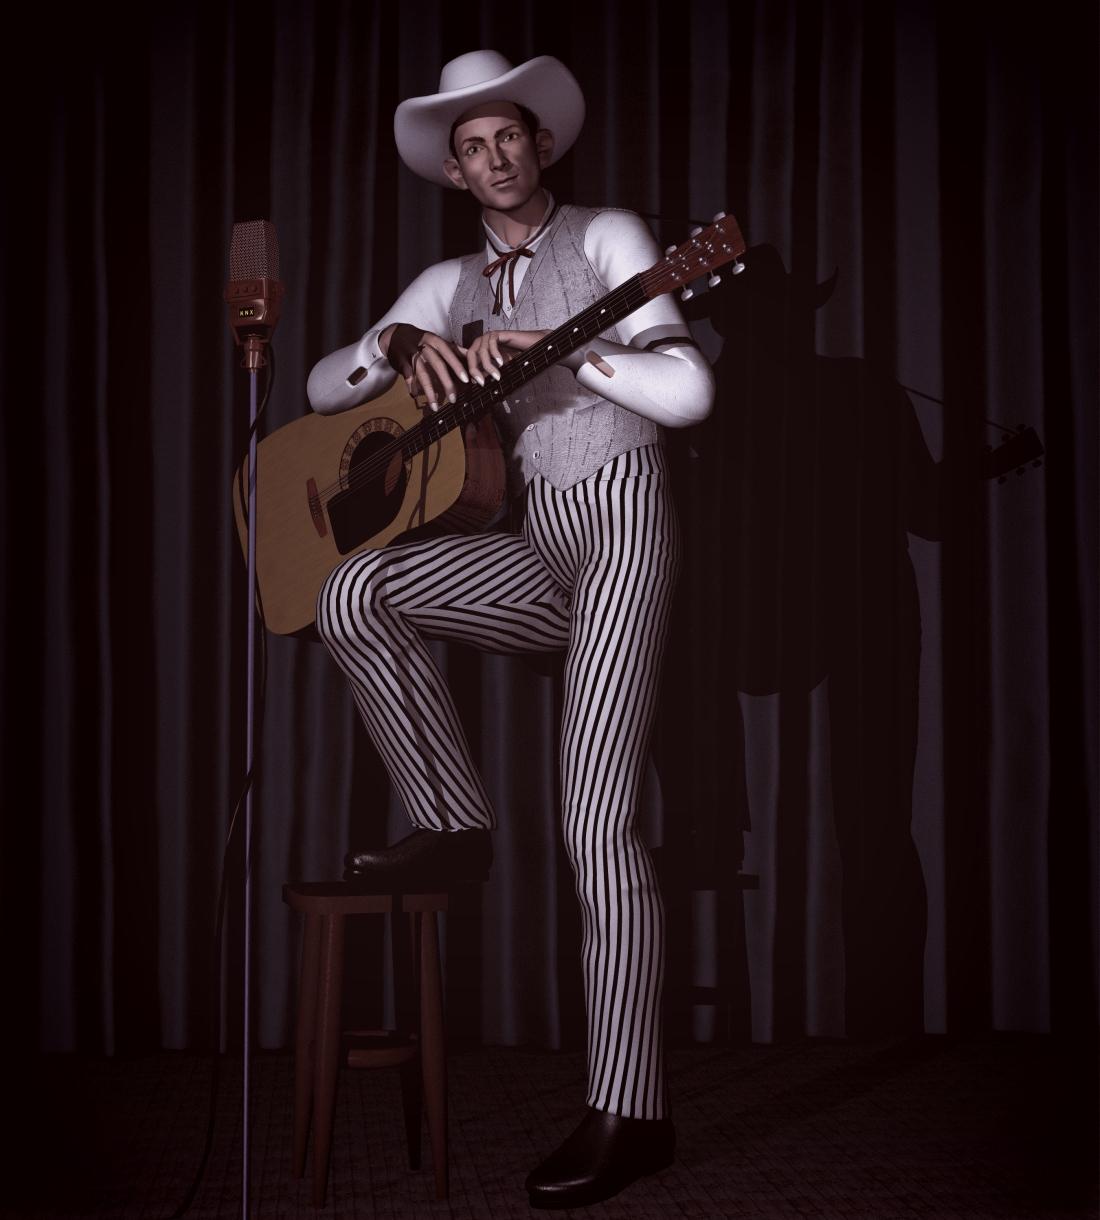 Honky Tonk Cowboy by xmas-kitty